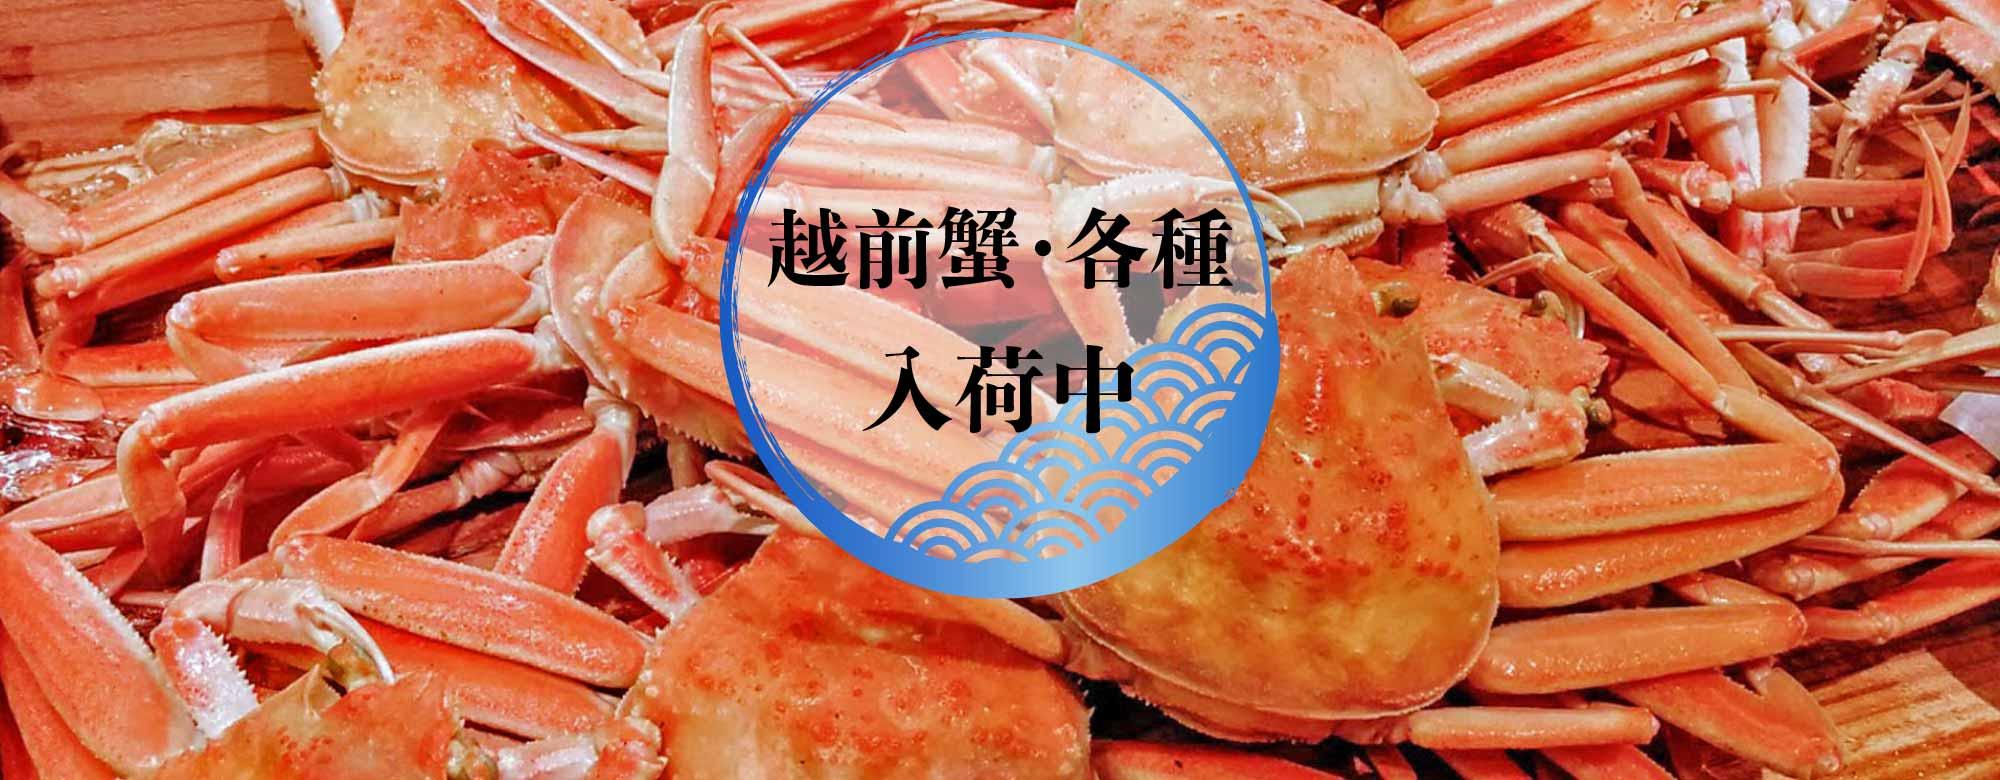 真洋水産では朝獲れ鮮魚各種入荷中です